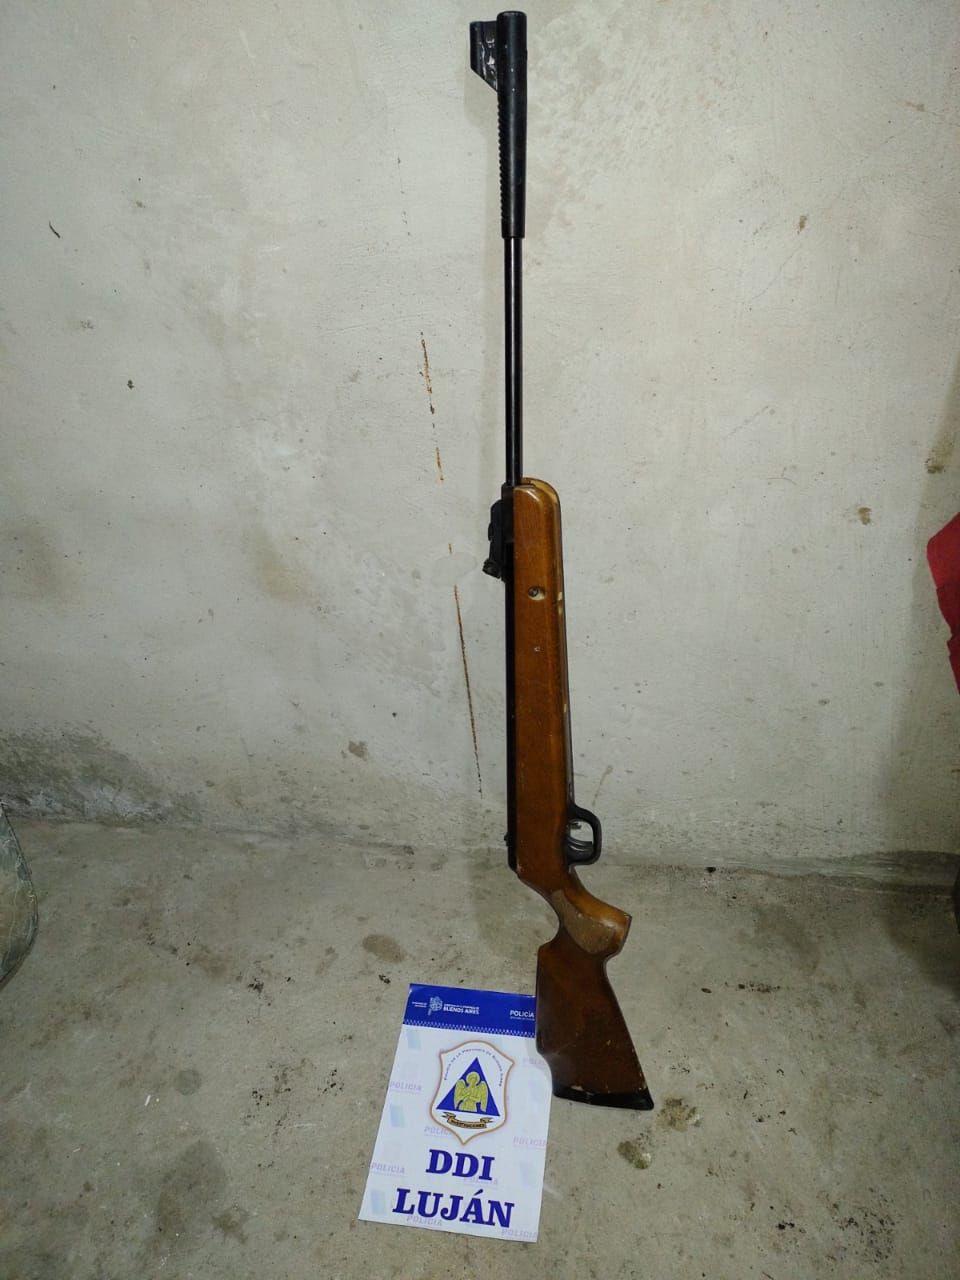 El rifle de aire comprimido secuestrado en el allanamiento